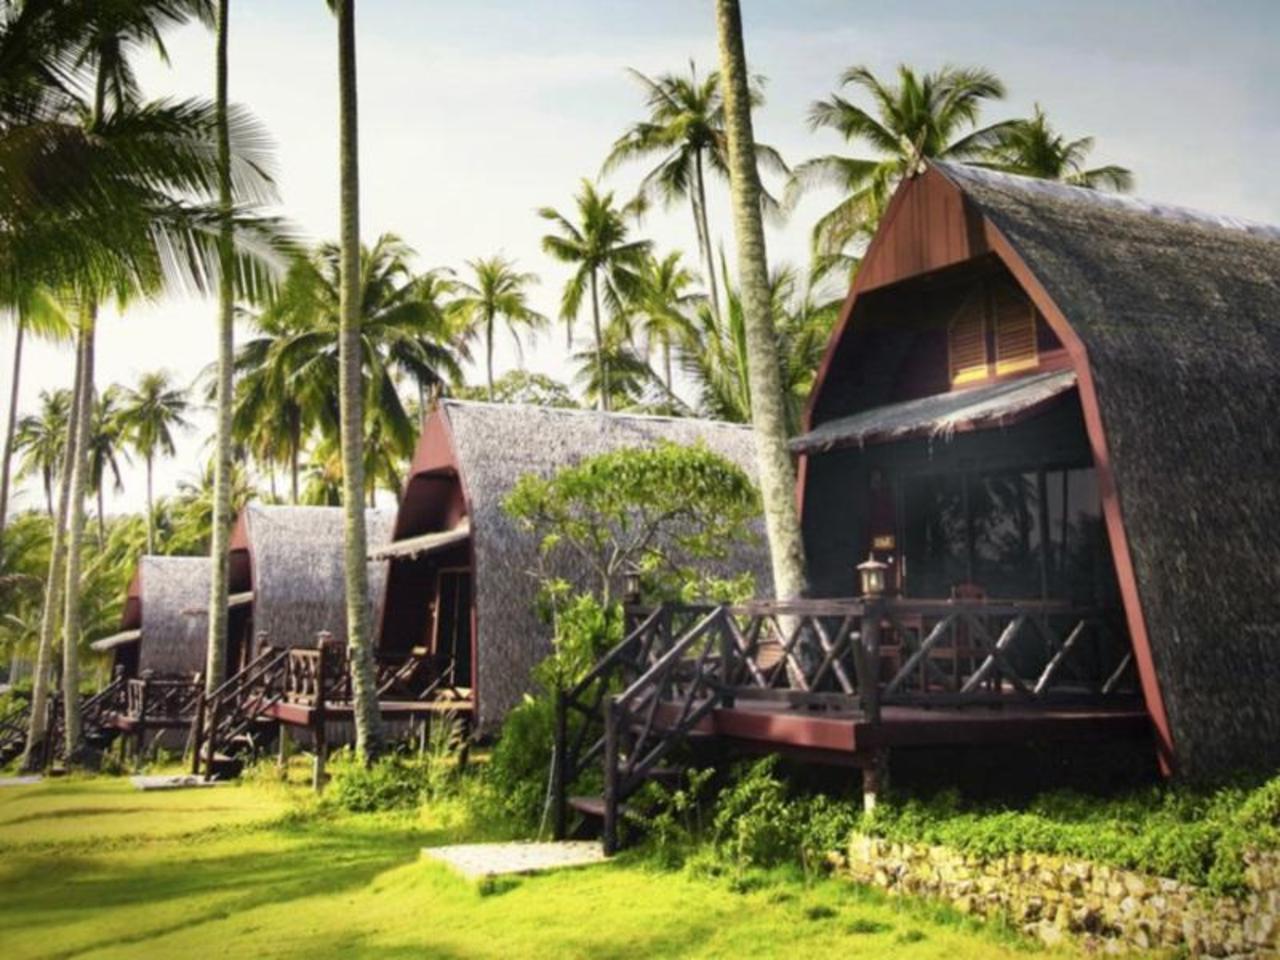 เกาะกูด บีช รีสอร์ท (Koh Kood Beach Resort)